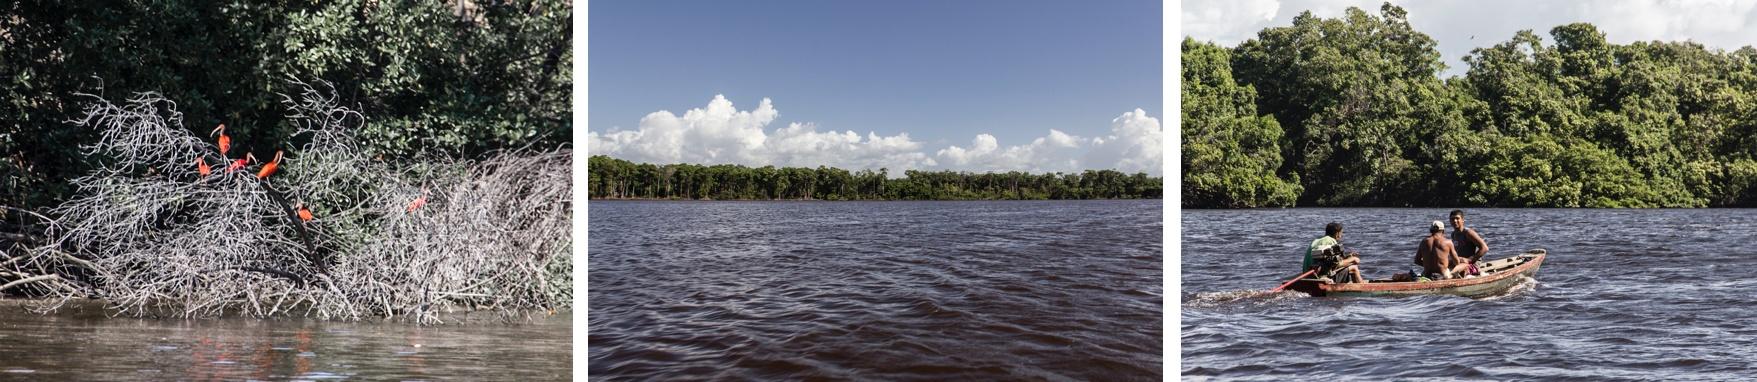 Des Guaras et des pêcheurs sur le fleuve Preguiças. Sur la Route des Sensations.